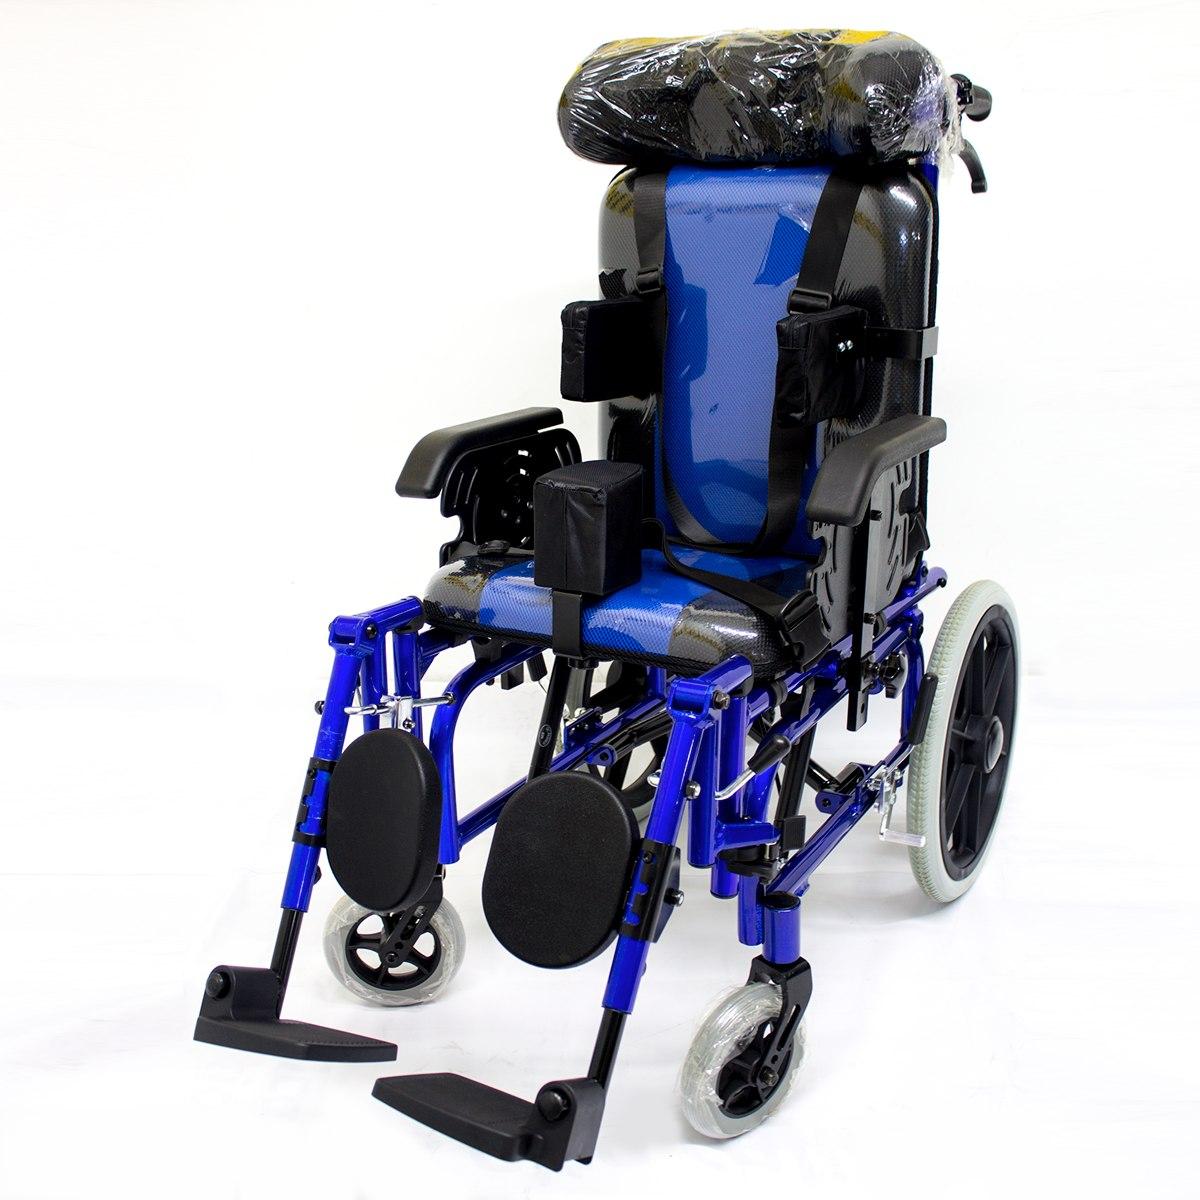 silla de ruedas neurologica pediatrica